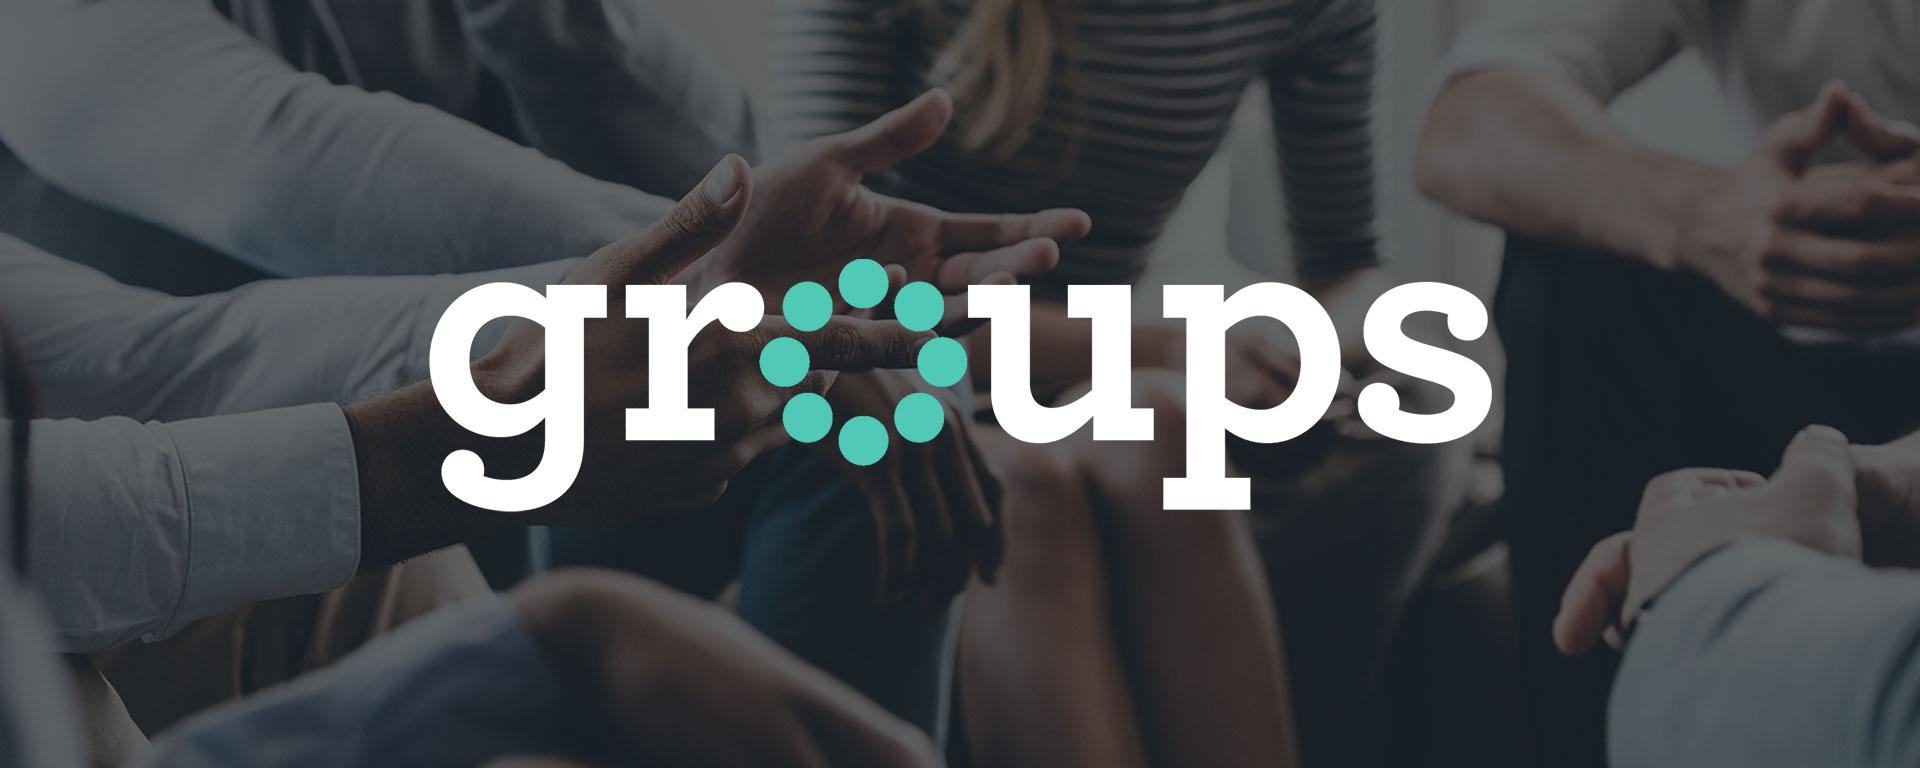 groups-slider.jpg